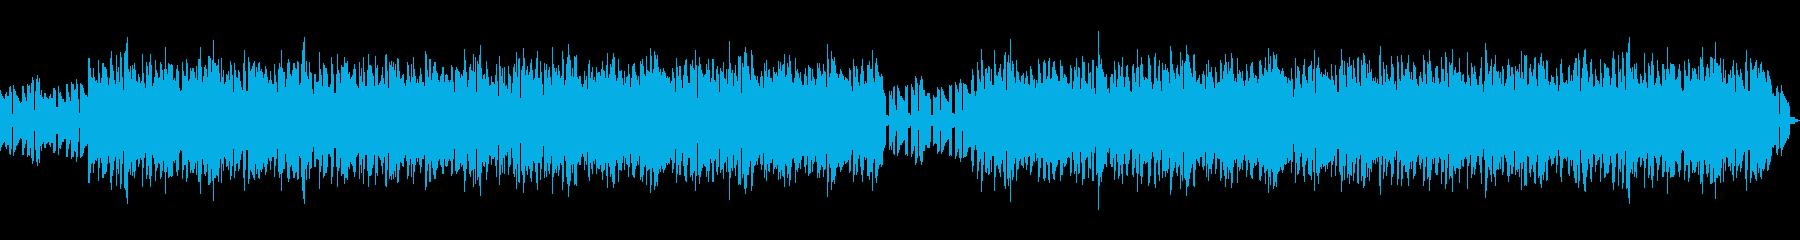 【イベント】祈りなジャームス(Drナシ)の再生済みの波形